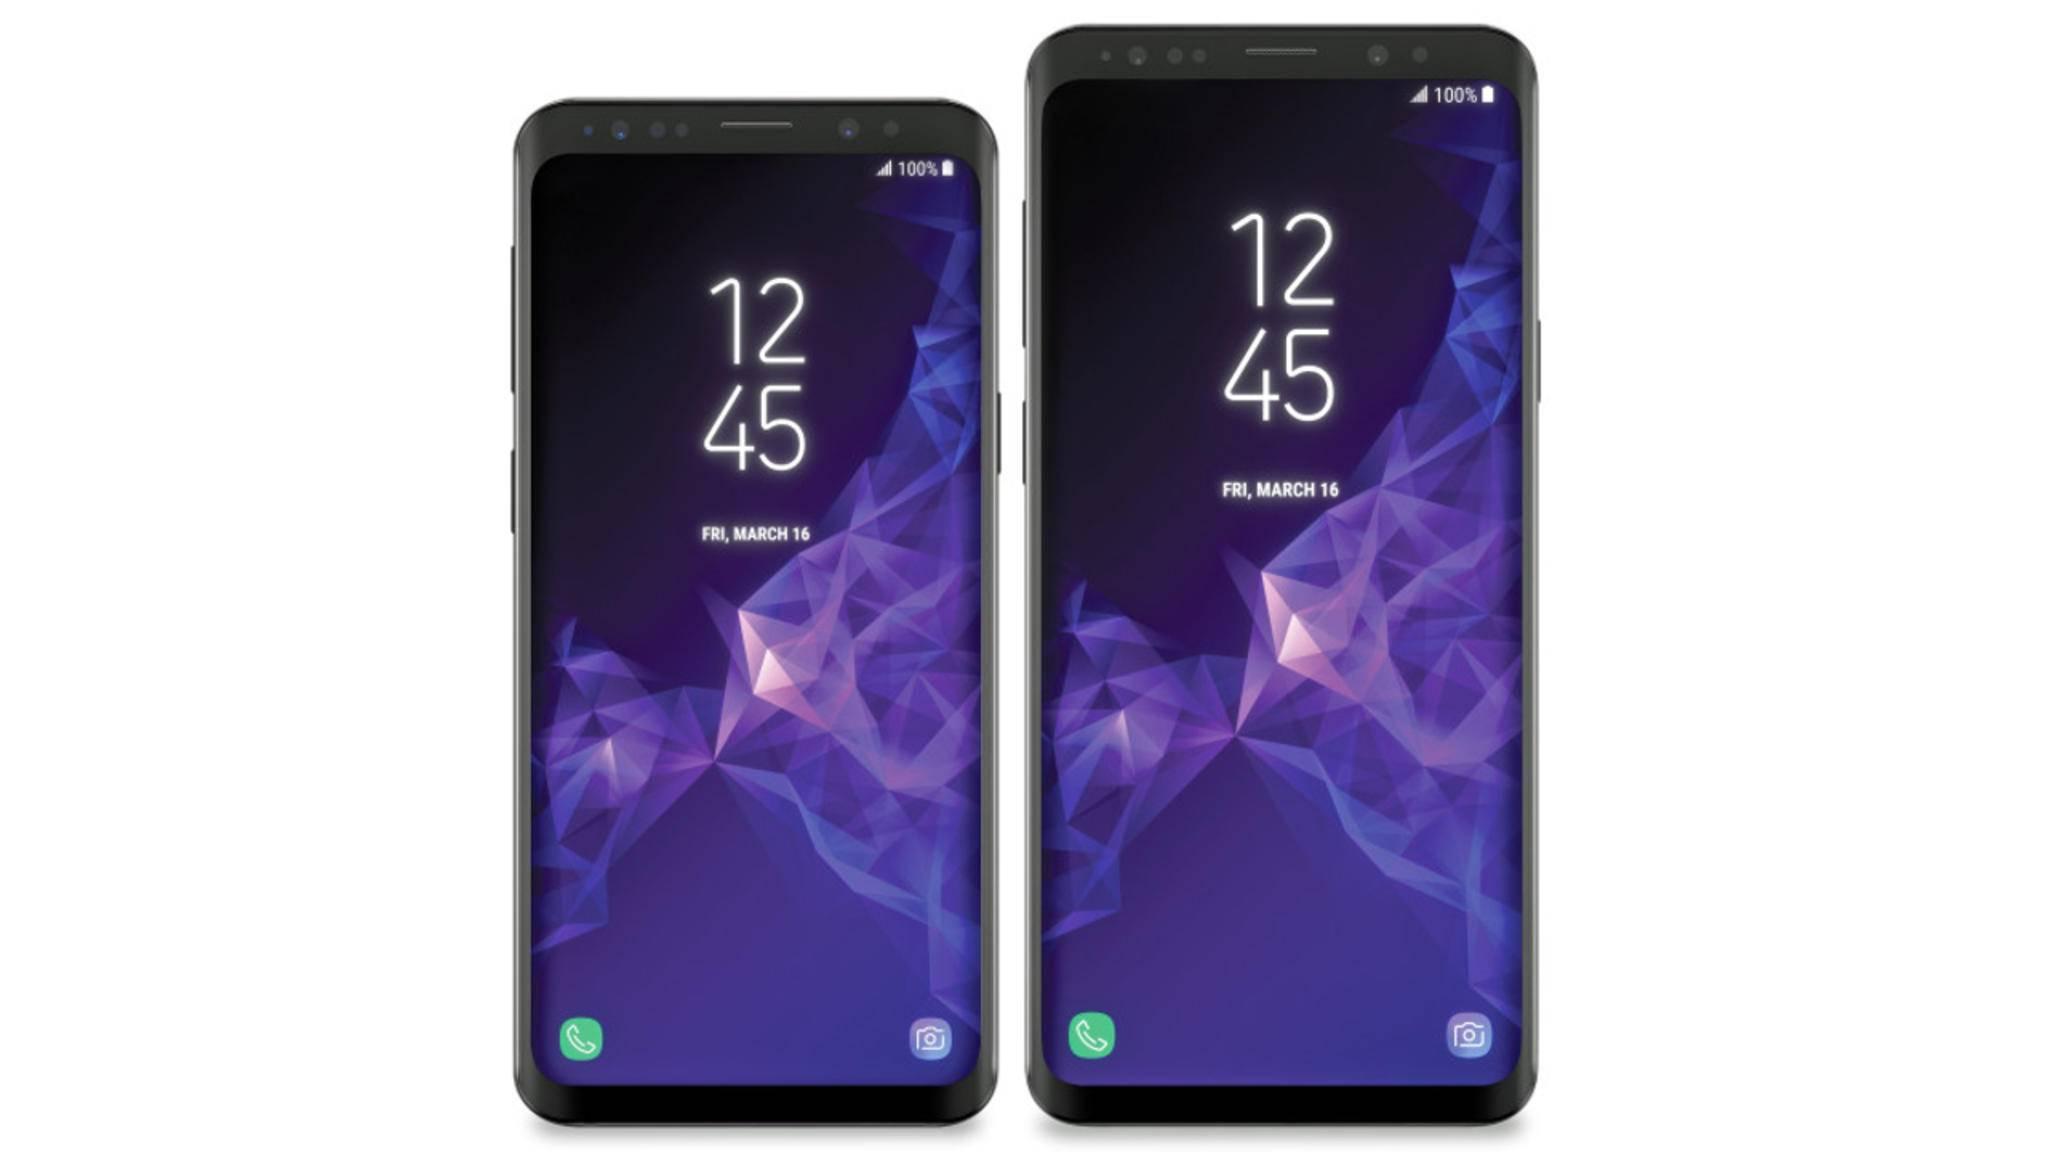 Das Galaxy S9 soll dickere Displayränder an der Seite, dafür dünnere Ränder oben und unten mitbringen.